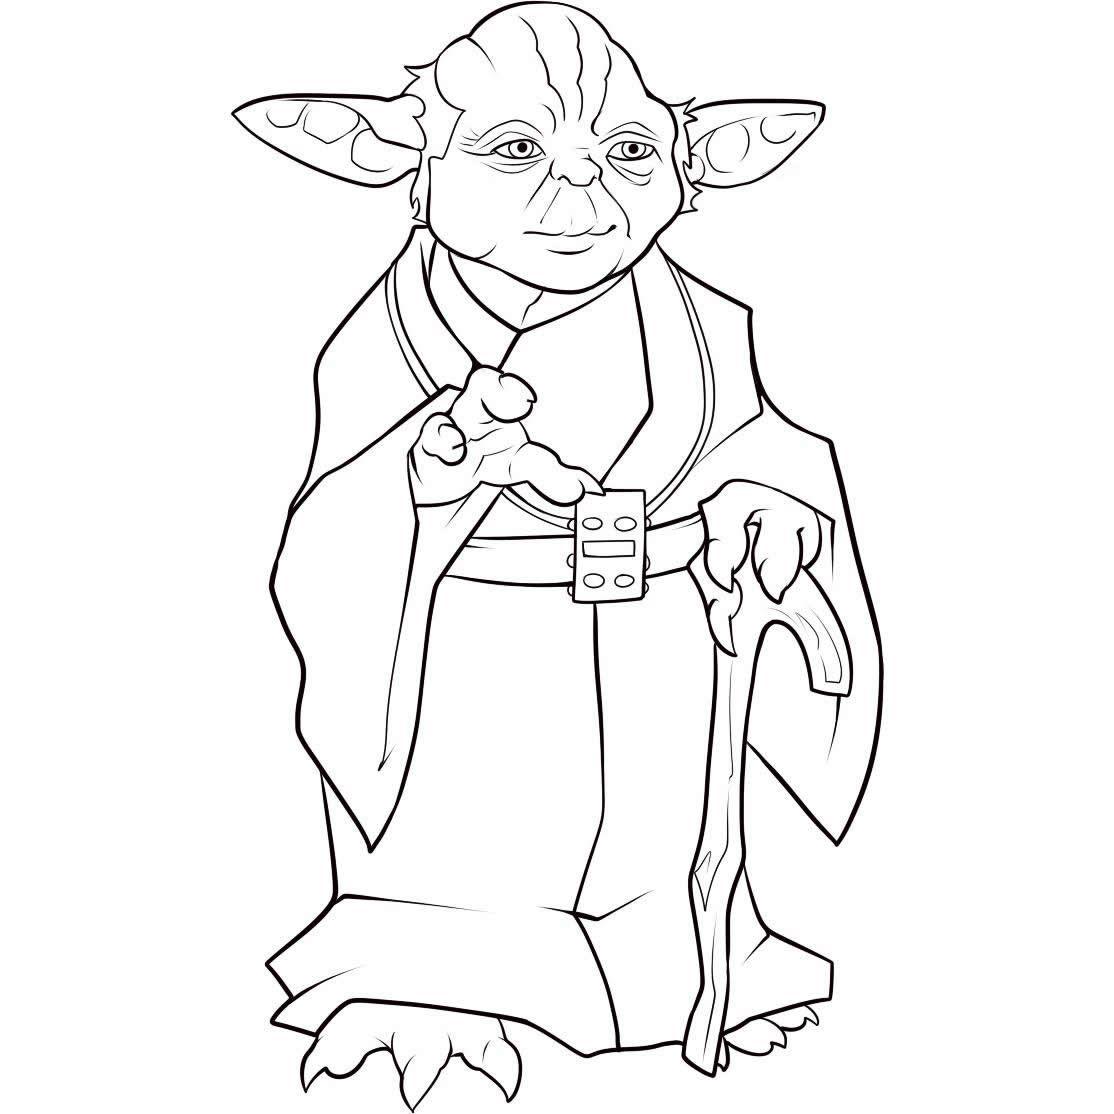 Dibujos De Yoda Para Colorear Y Pintar Imprimir Clipart  Free